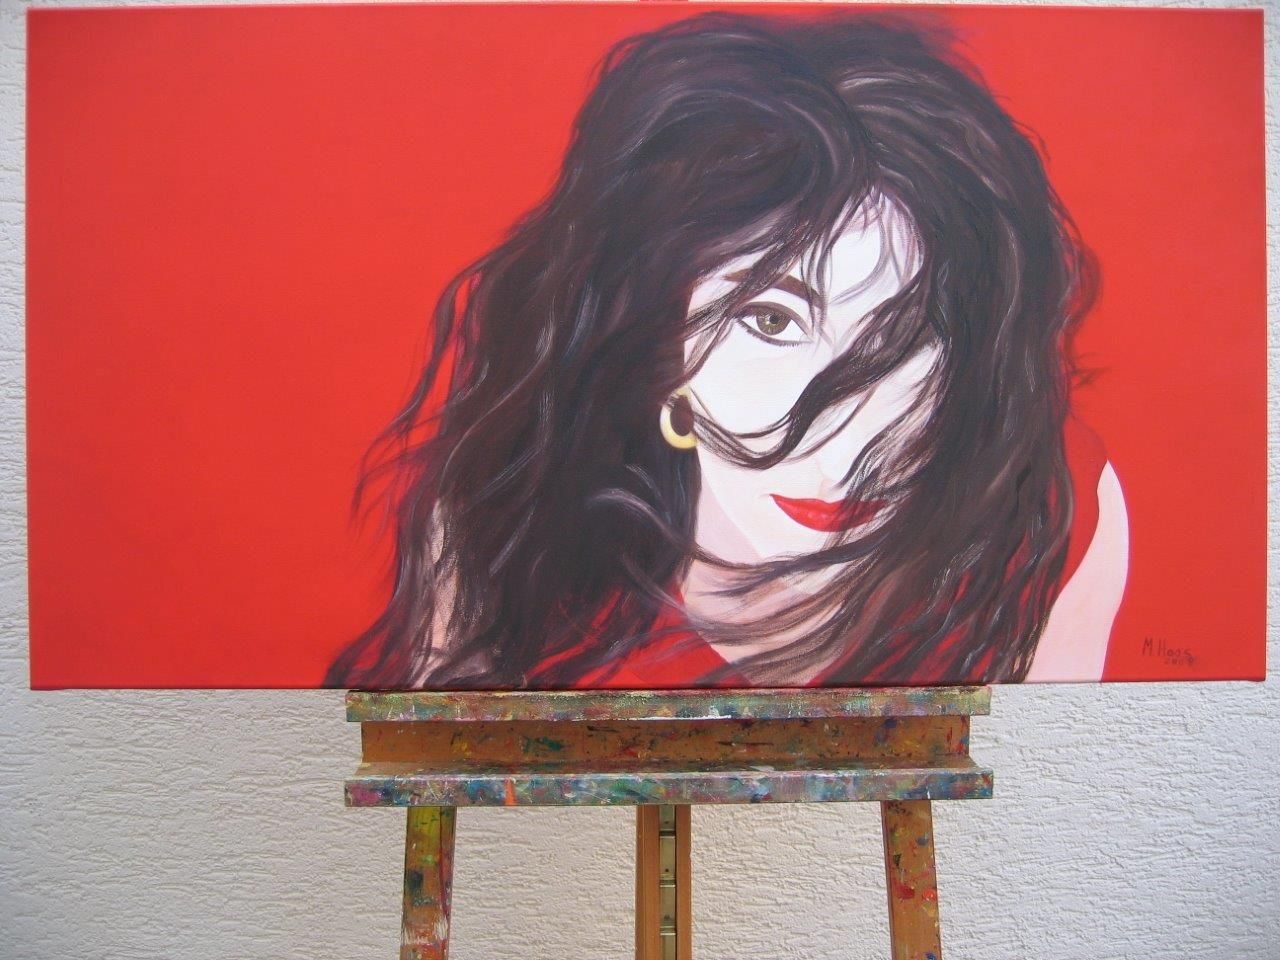 Frau, 2008, 0,60 x 1,10 m, Ölfarbe auf Leinwand